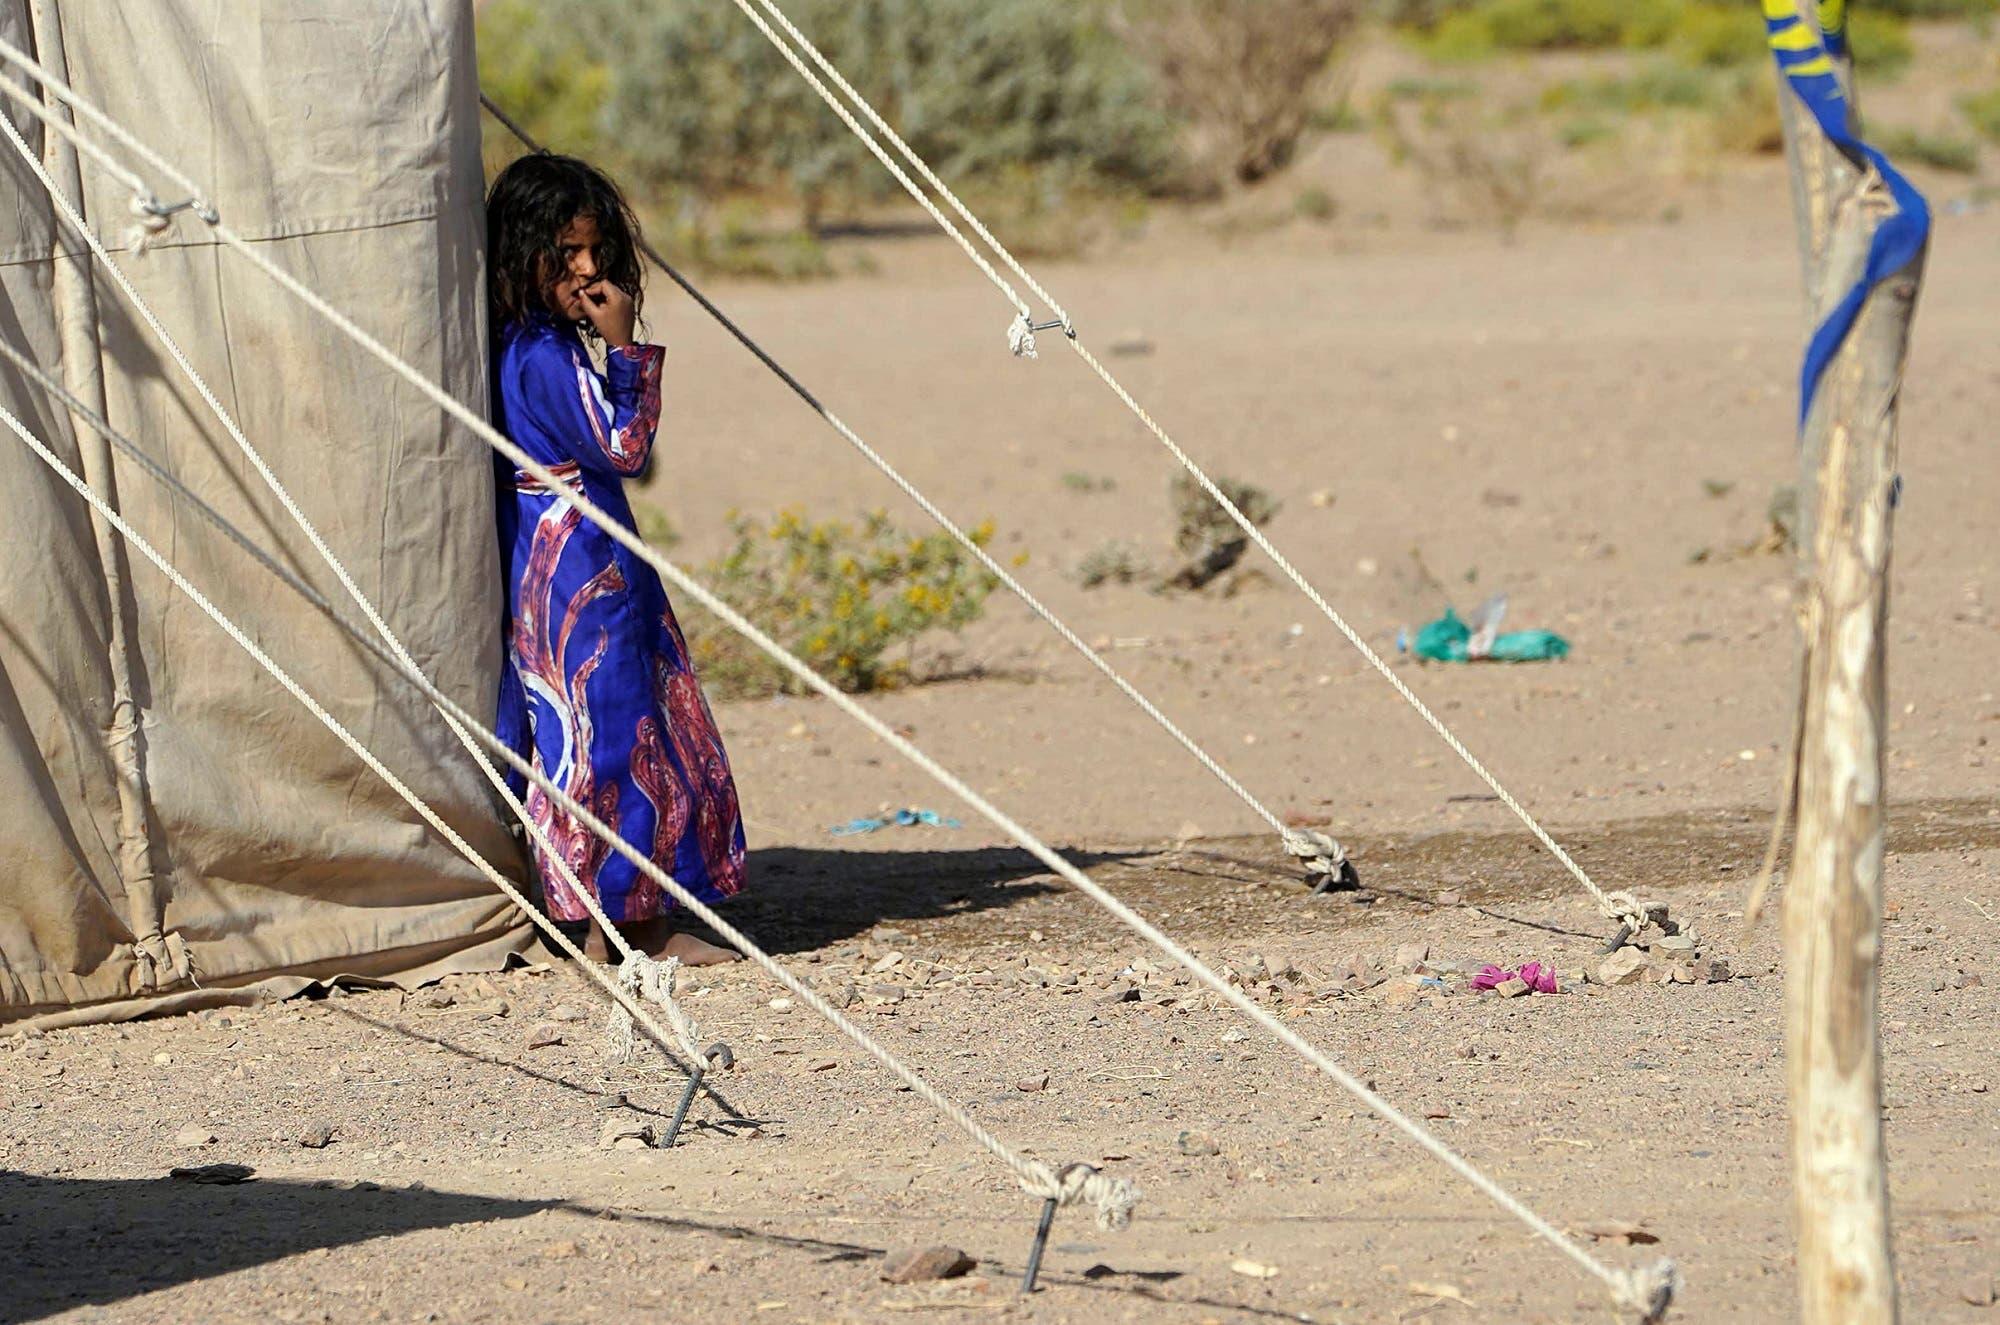 فتاة يمنية تقف في مخيم للنازحين في ضواحي مدينة مأرب يوم 18 فبراير (أرشيفية من فرانس برس)